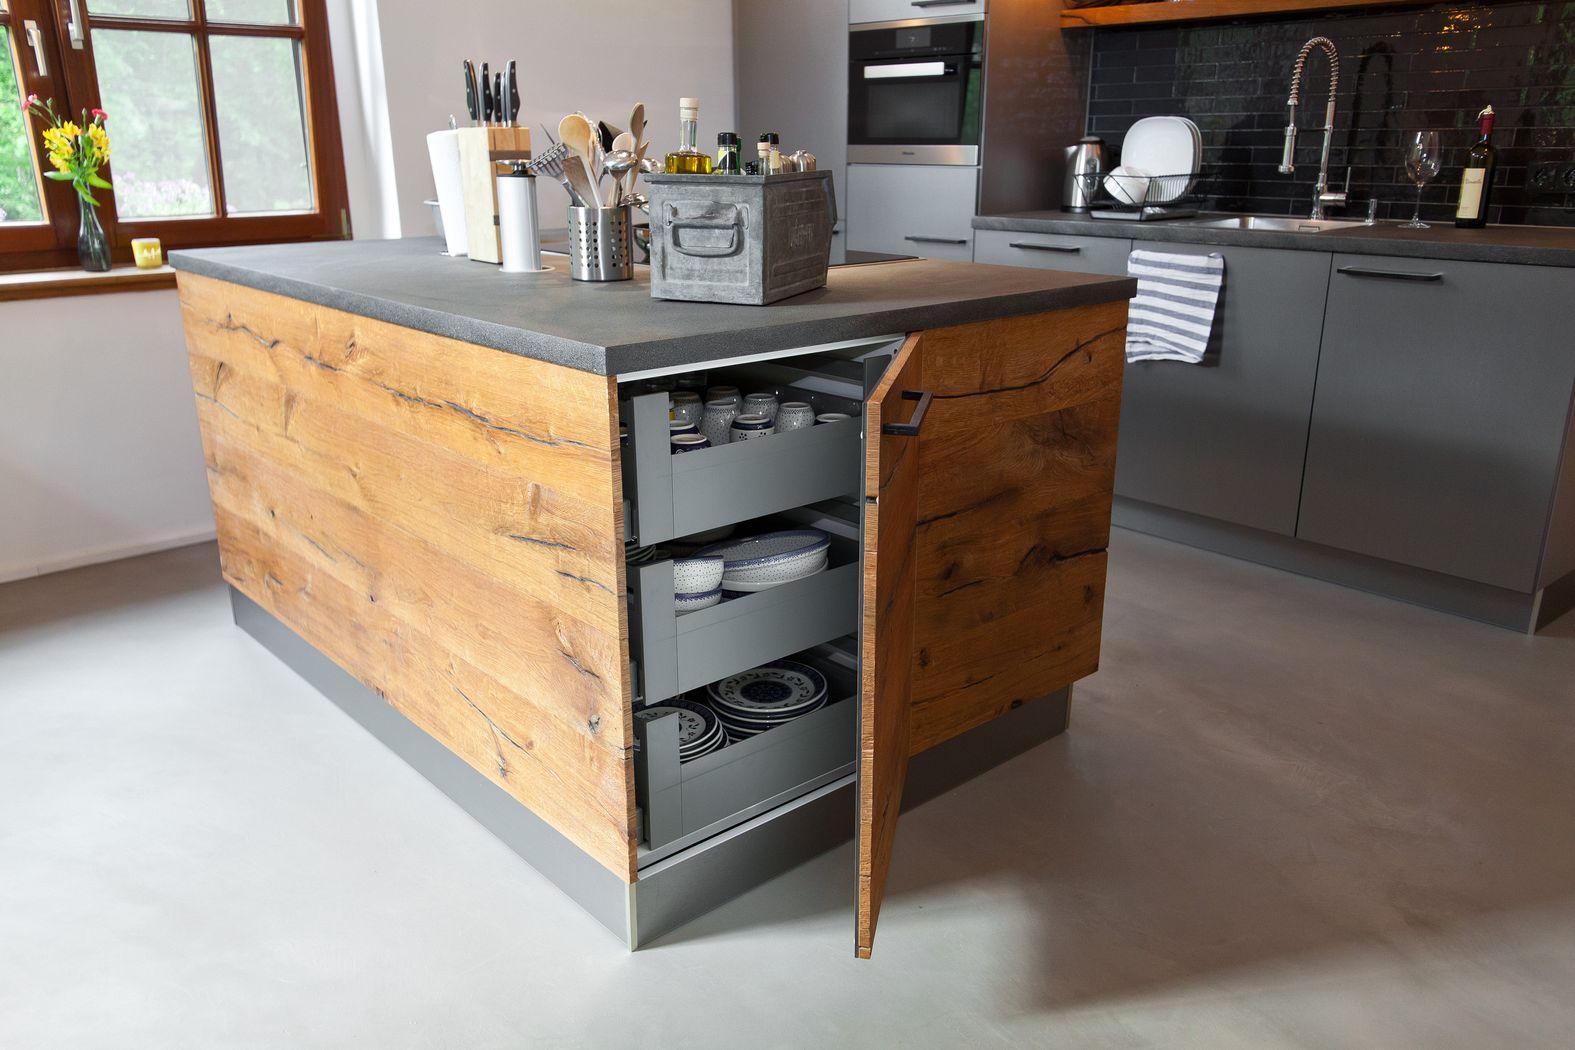 Küchenmöbel Kaufen ☆ Günstig Bis Exklusiv ☆ Küchenhaus Thiemann, Möbel